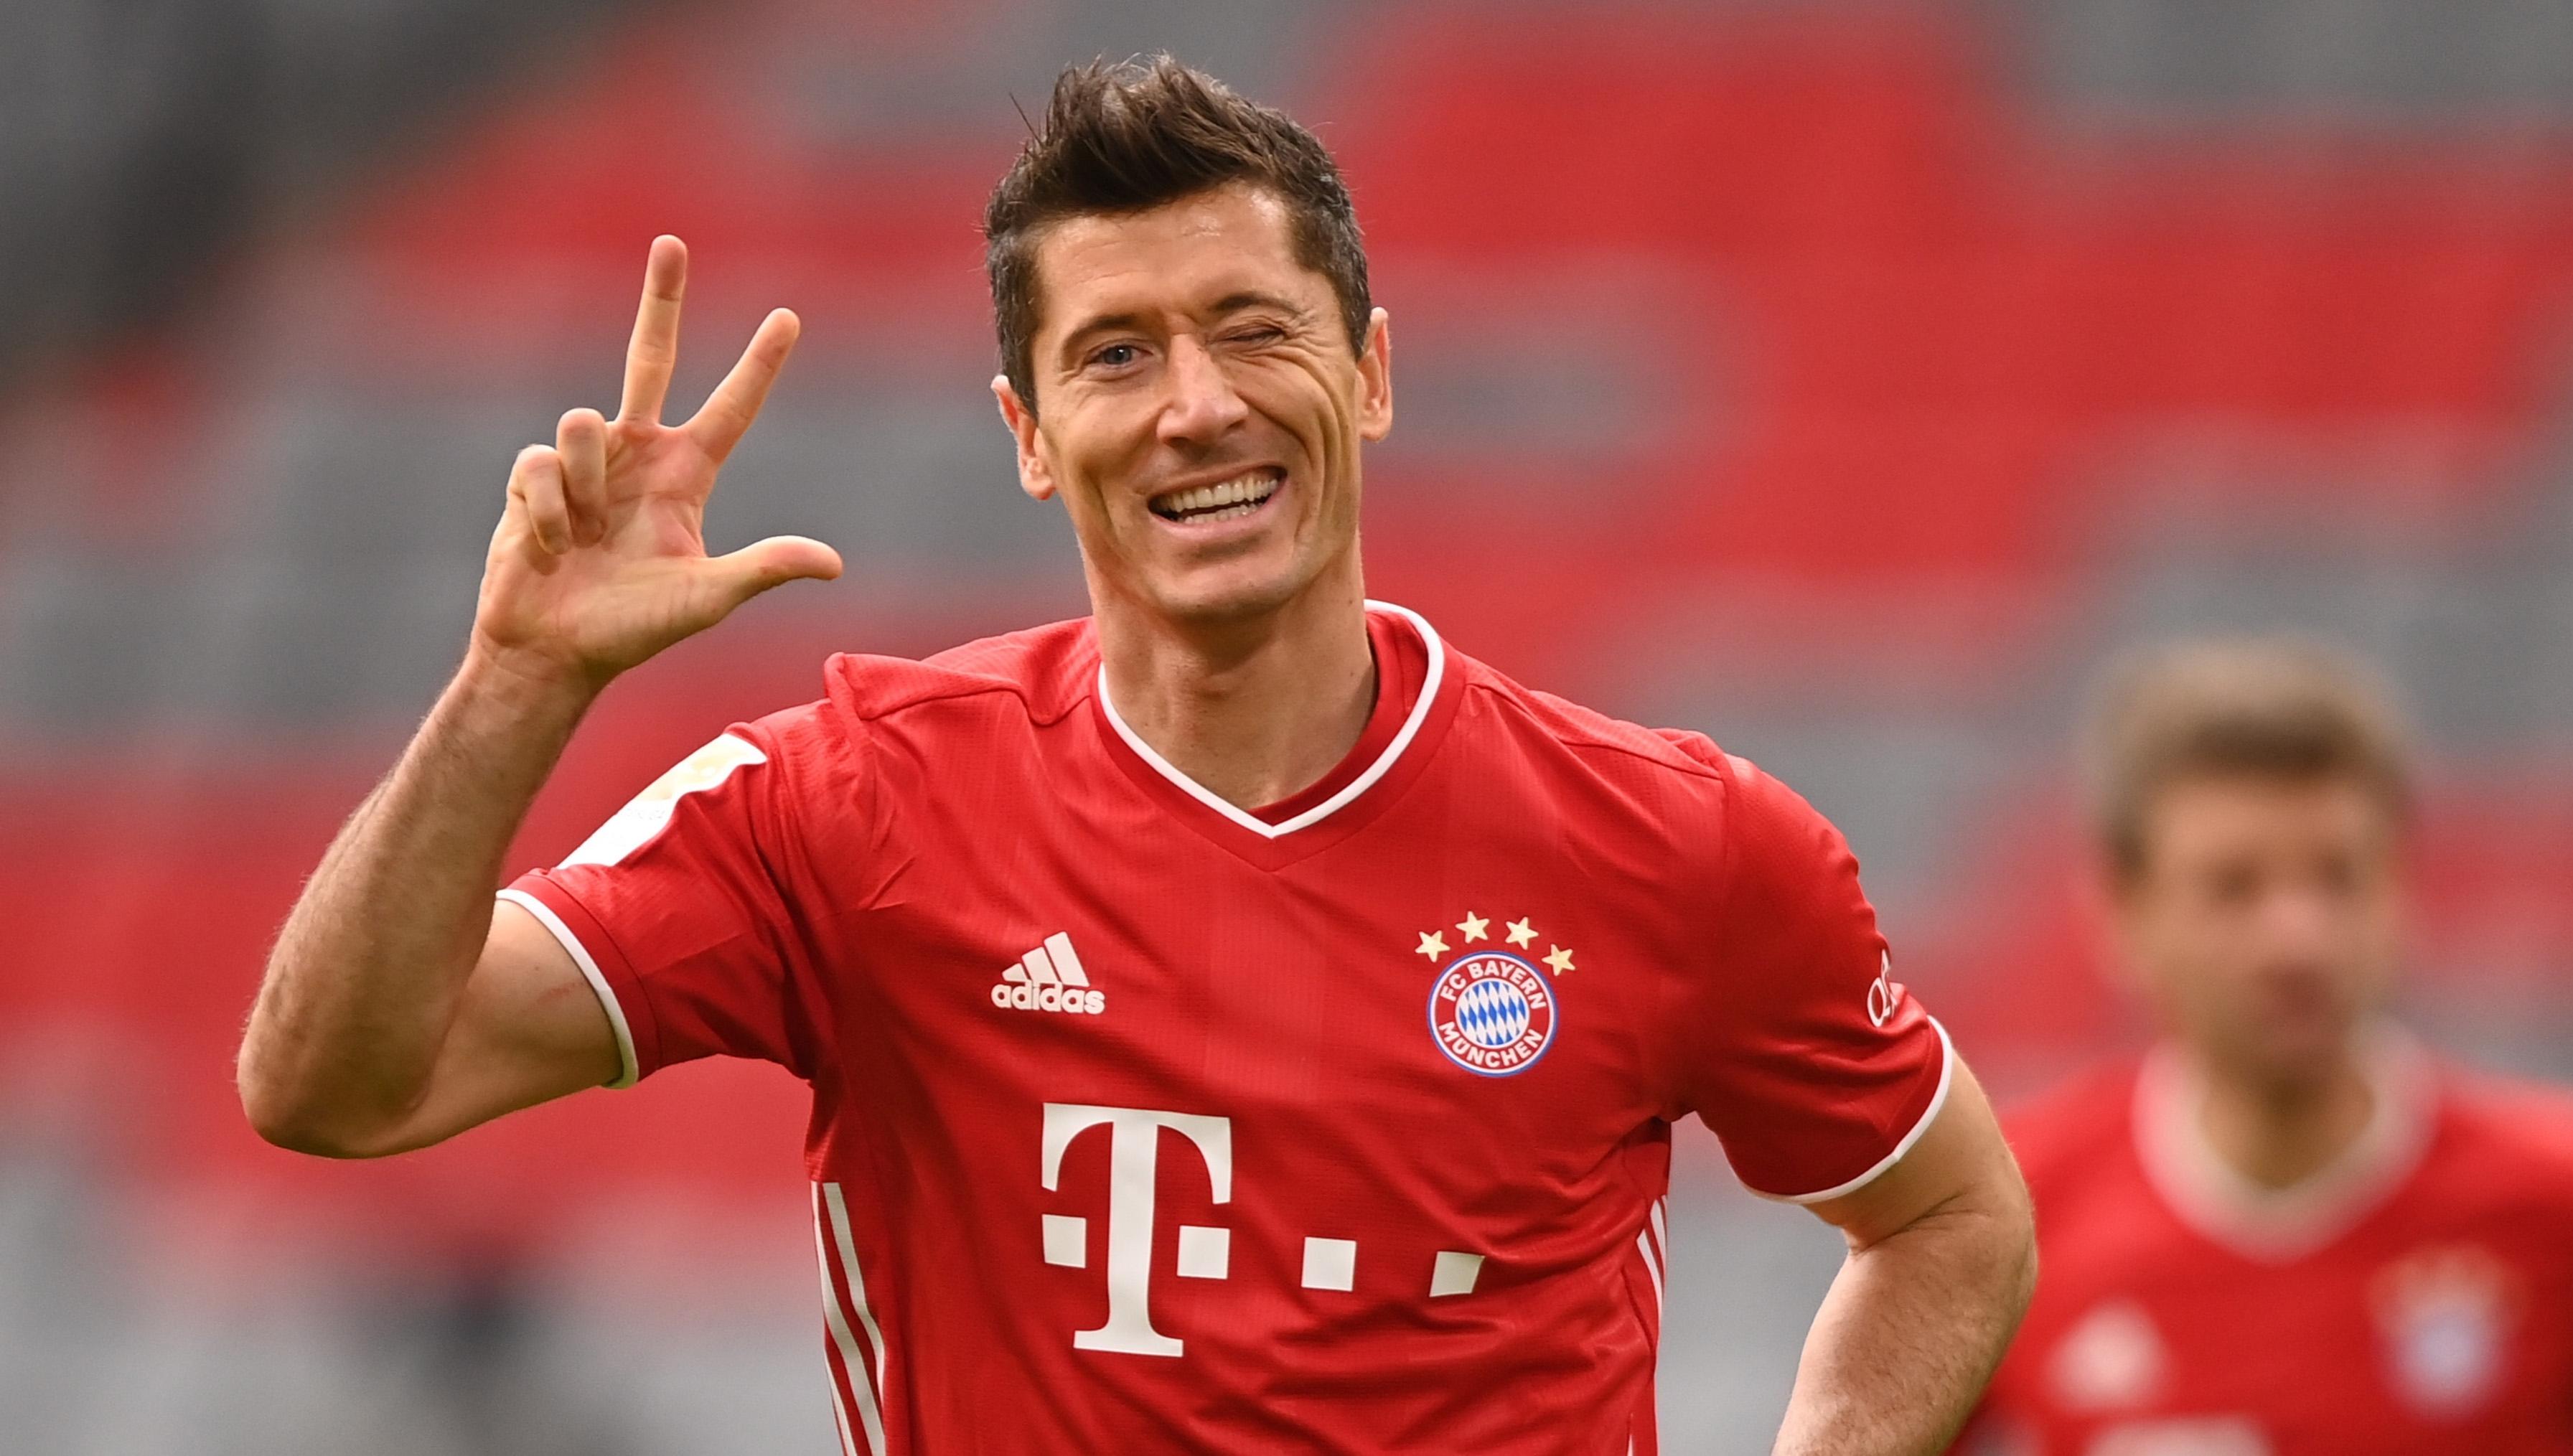 Шампионът Байерн (Мюнхен) приема Айнтрахт (Франкфурт) в двубой от петия